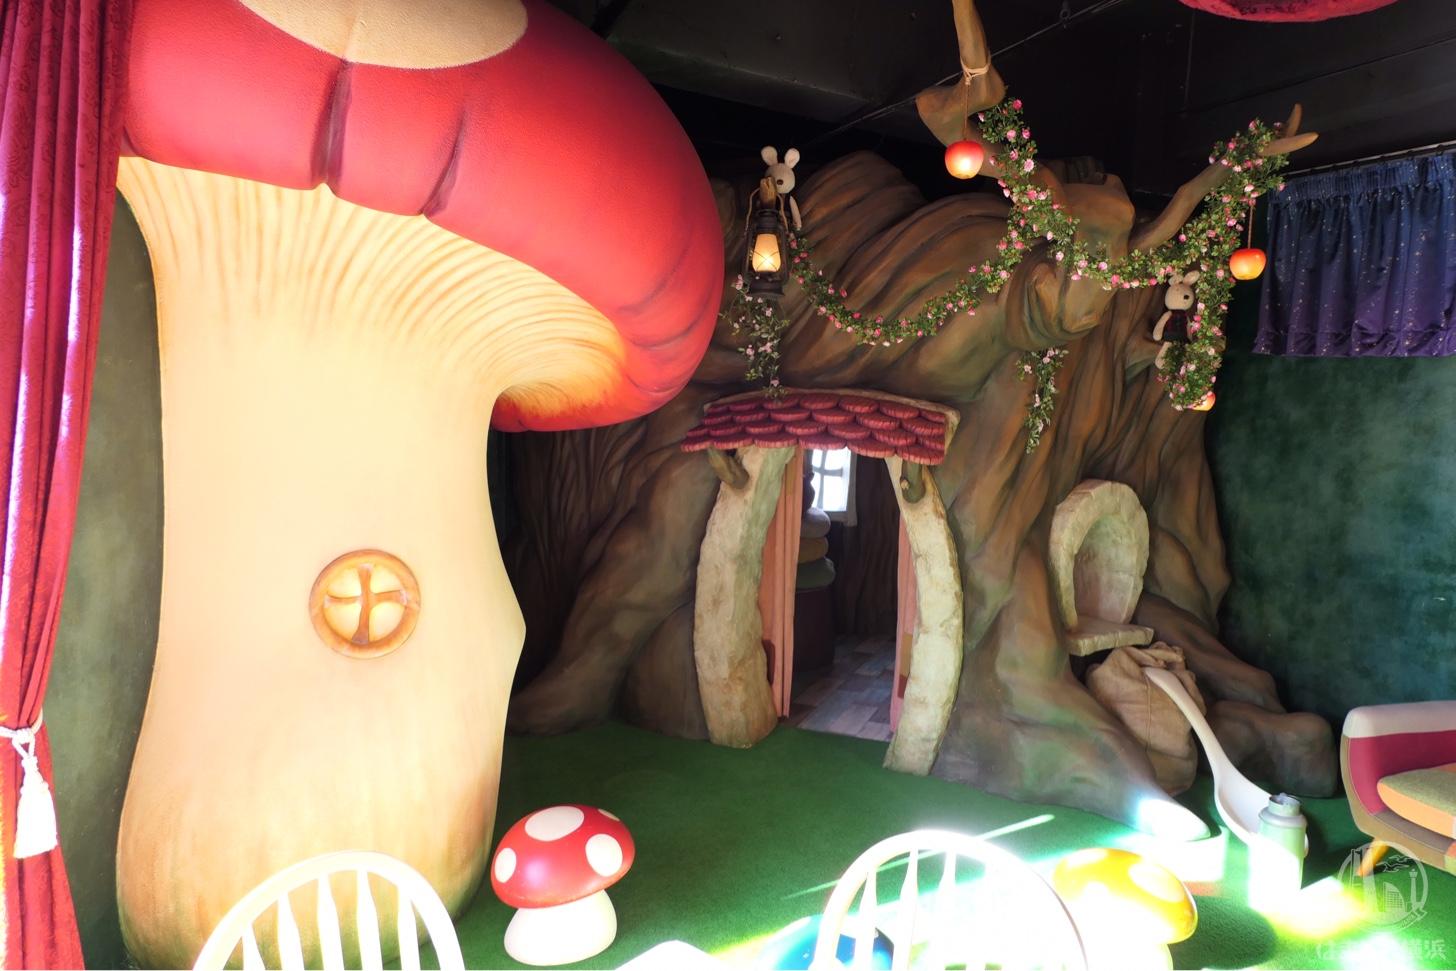 セーブポイント〜夢見る白雪姫〜 キノコやリンゴのツリー